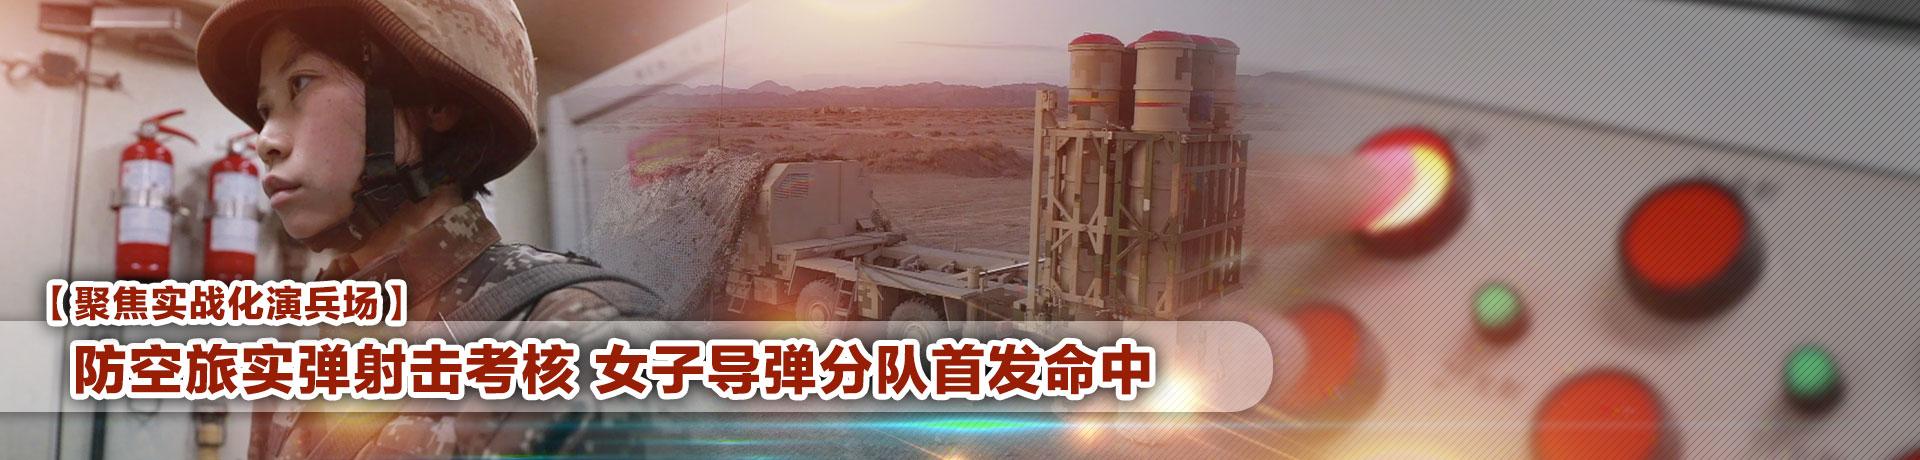 【聚焦实战化演兵场】防空旅实弹射击考核 女子导弹分队首发命中